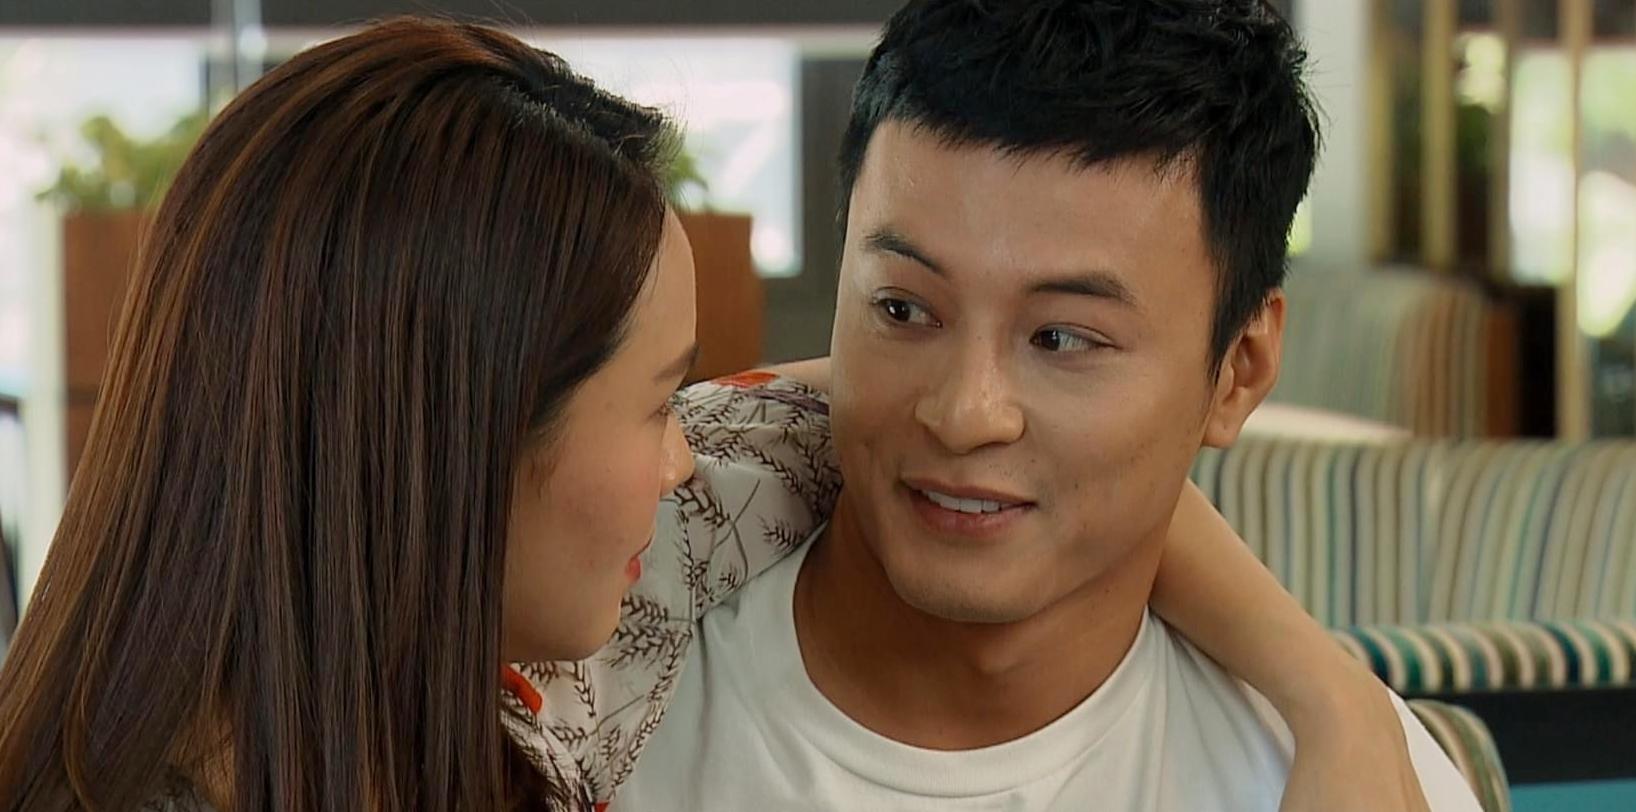 Dàn nam thần khiến hội chị em khao khát nhất màn ảnh Việt 2020: Có tổng tài, thầy giáo và cả... trai bao! - Ảnh 12.